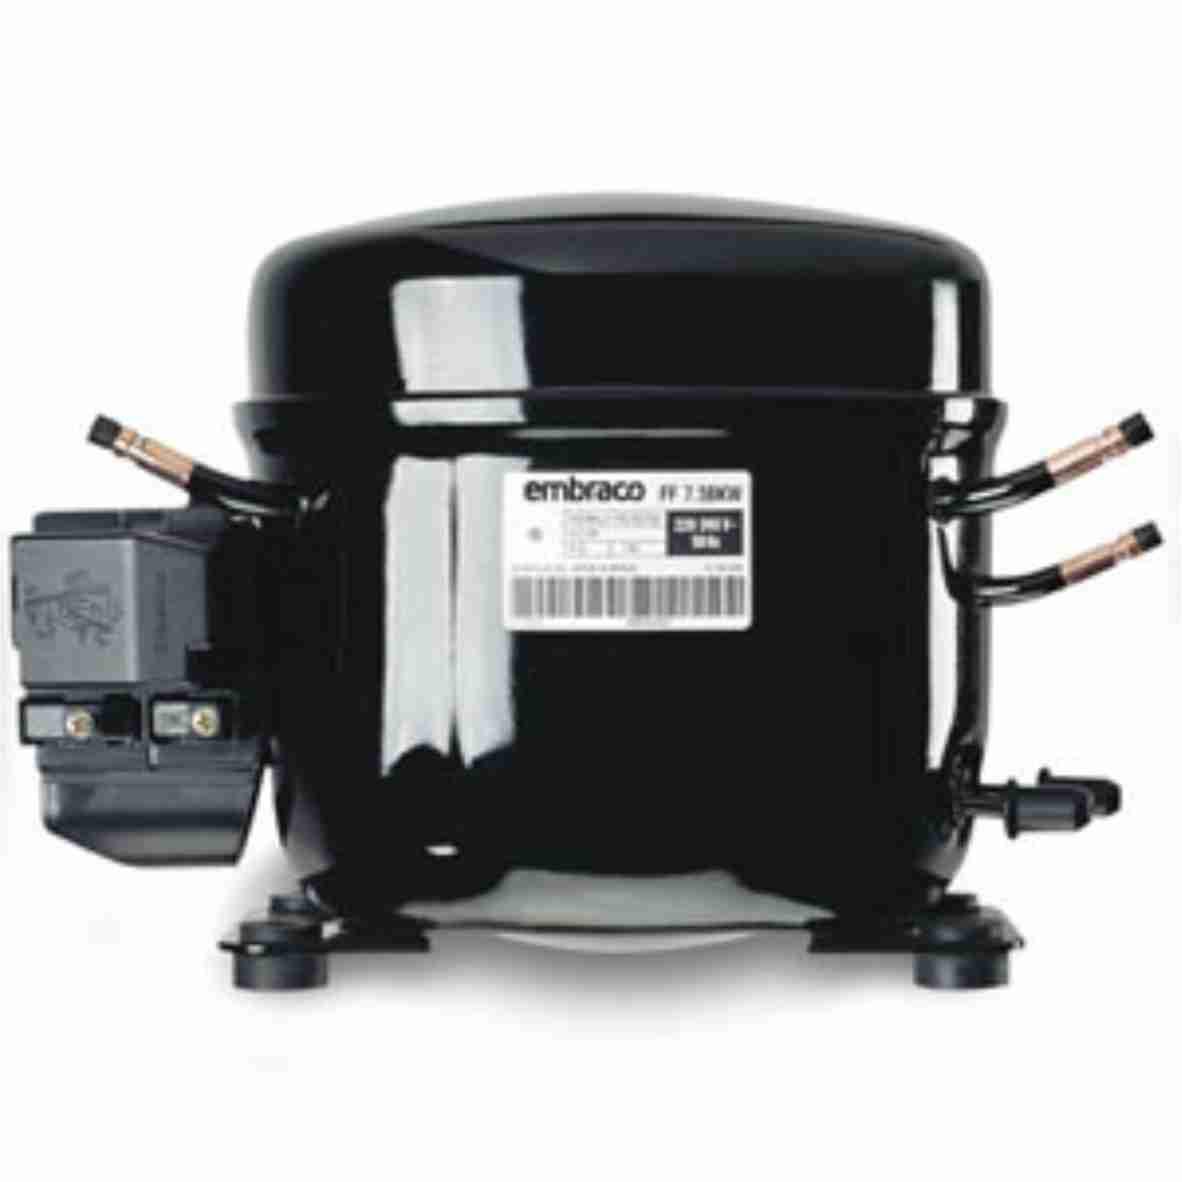 Compressor 1/3+ 220V 134 FFI 12HBX Embraco